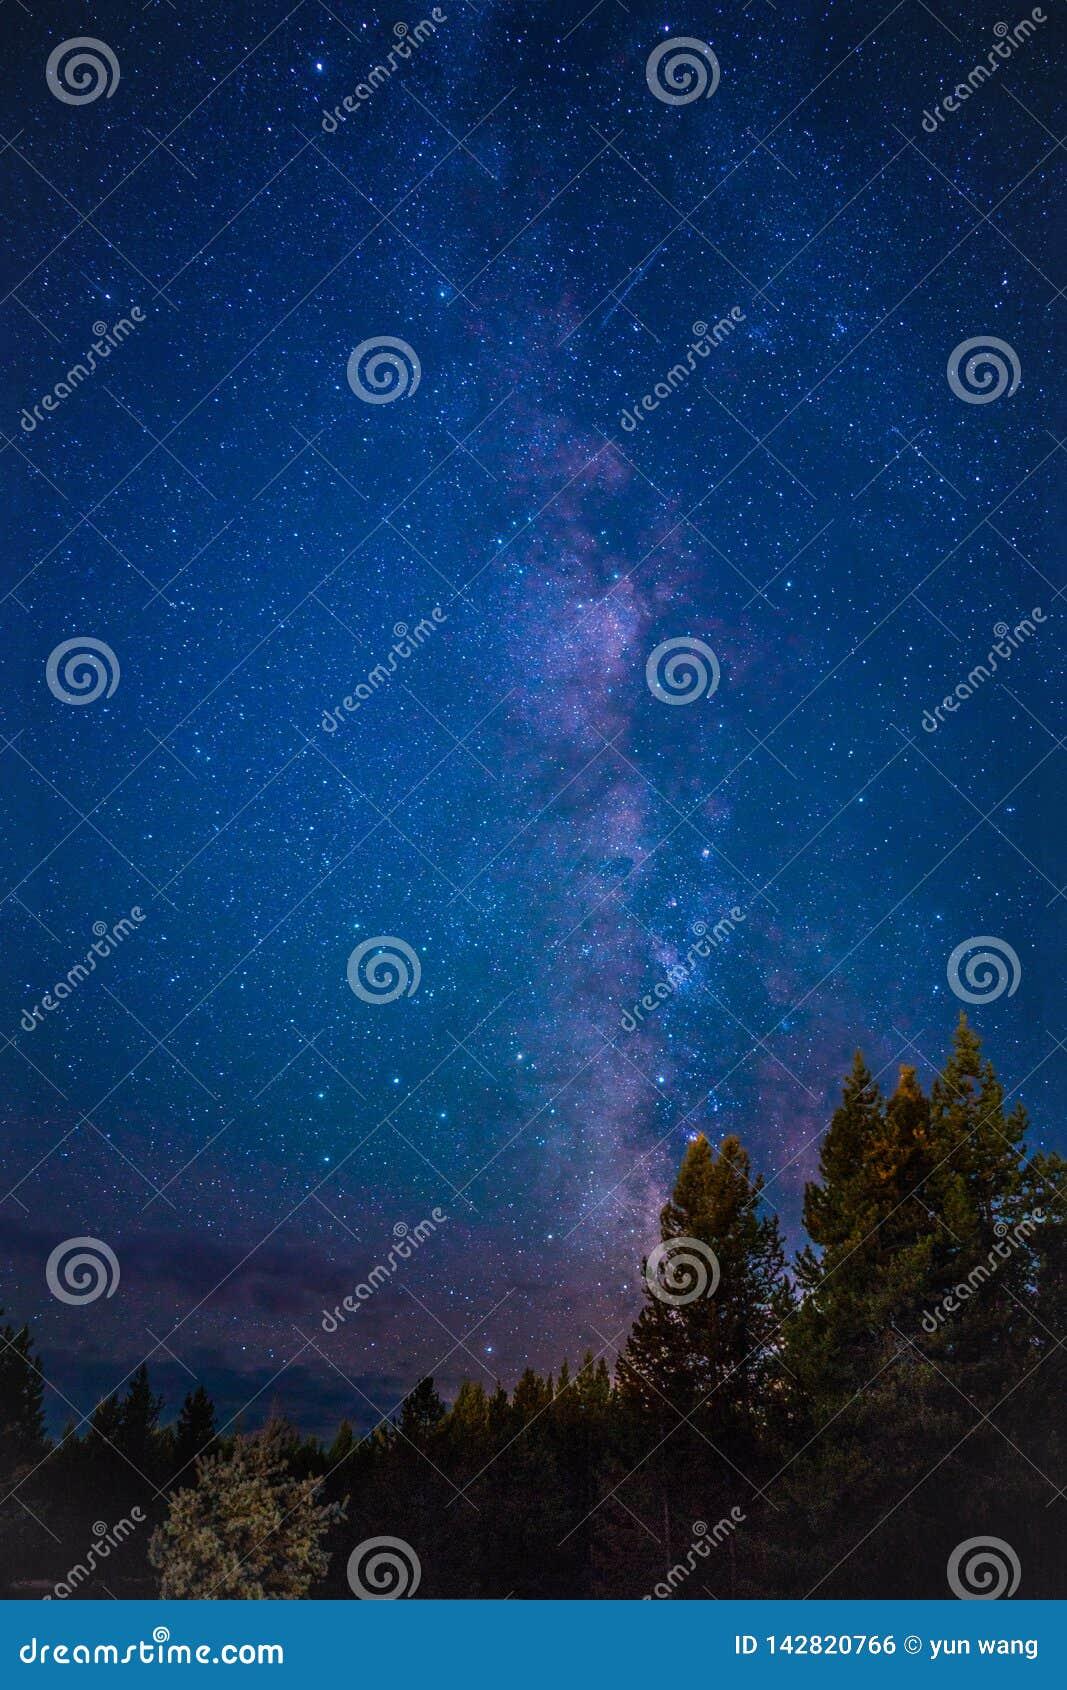 黄石国家公园RV阵营星系